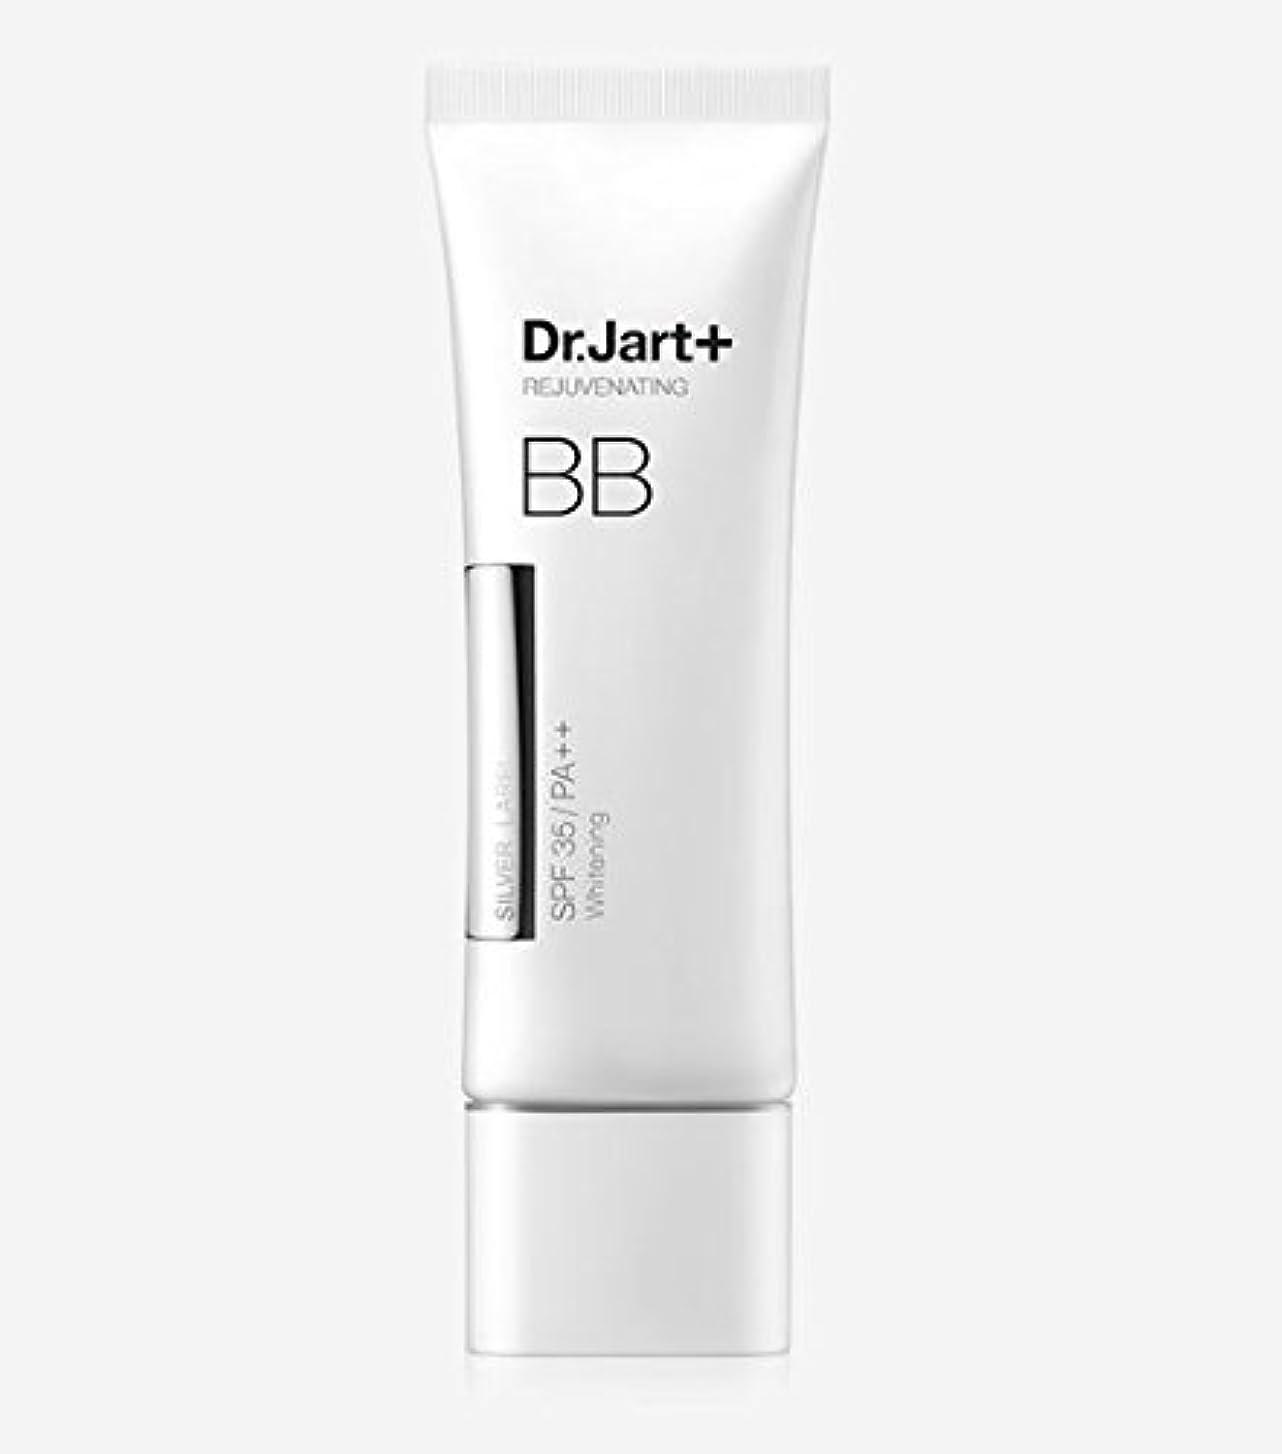 召集する警戒耐えられる[Dr. Jart] Silver Label BB Rejuvenating Beauty Balm 50ml SPF35 PA++/[ドクタージャルト] シルバーラベル BB リジュビネイティング ビューティー バーム...